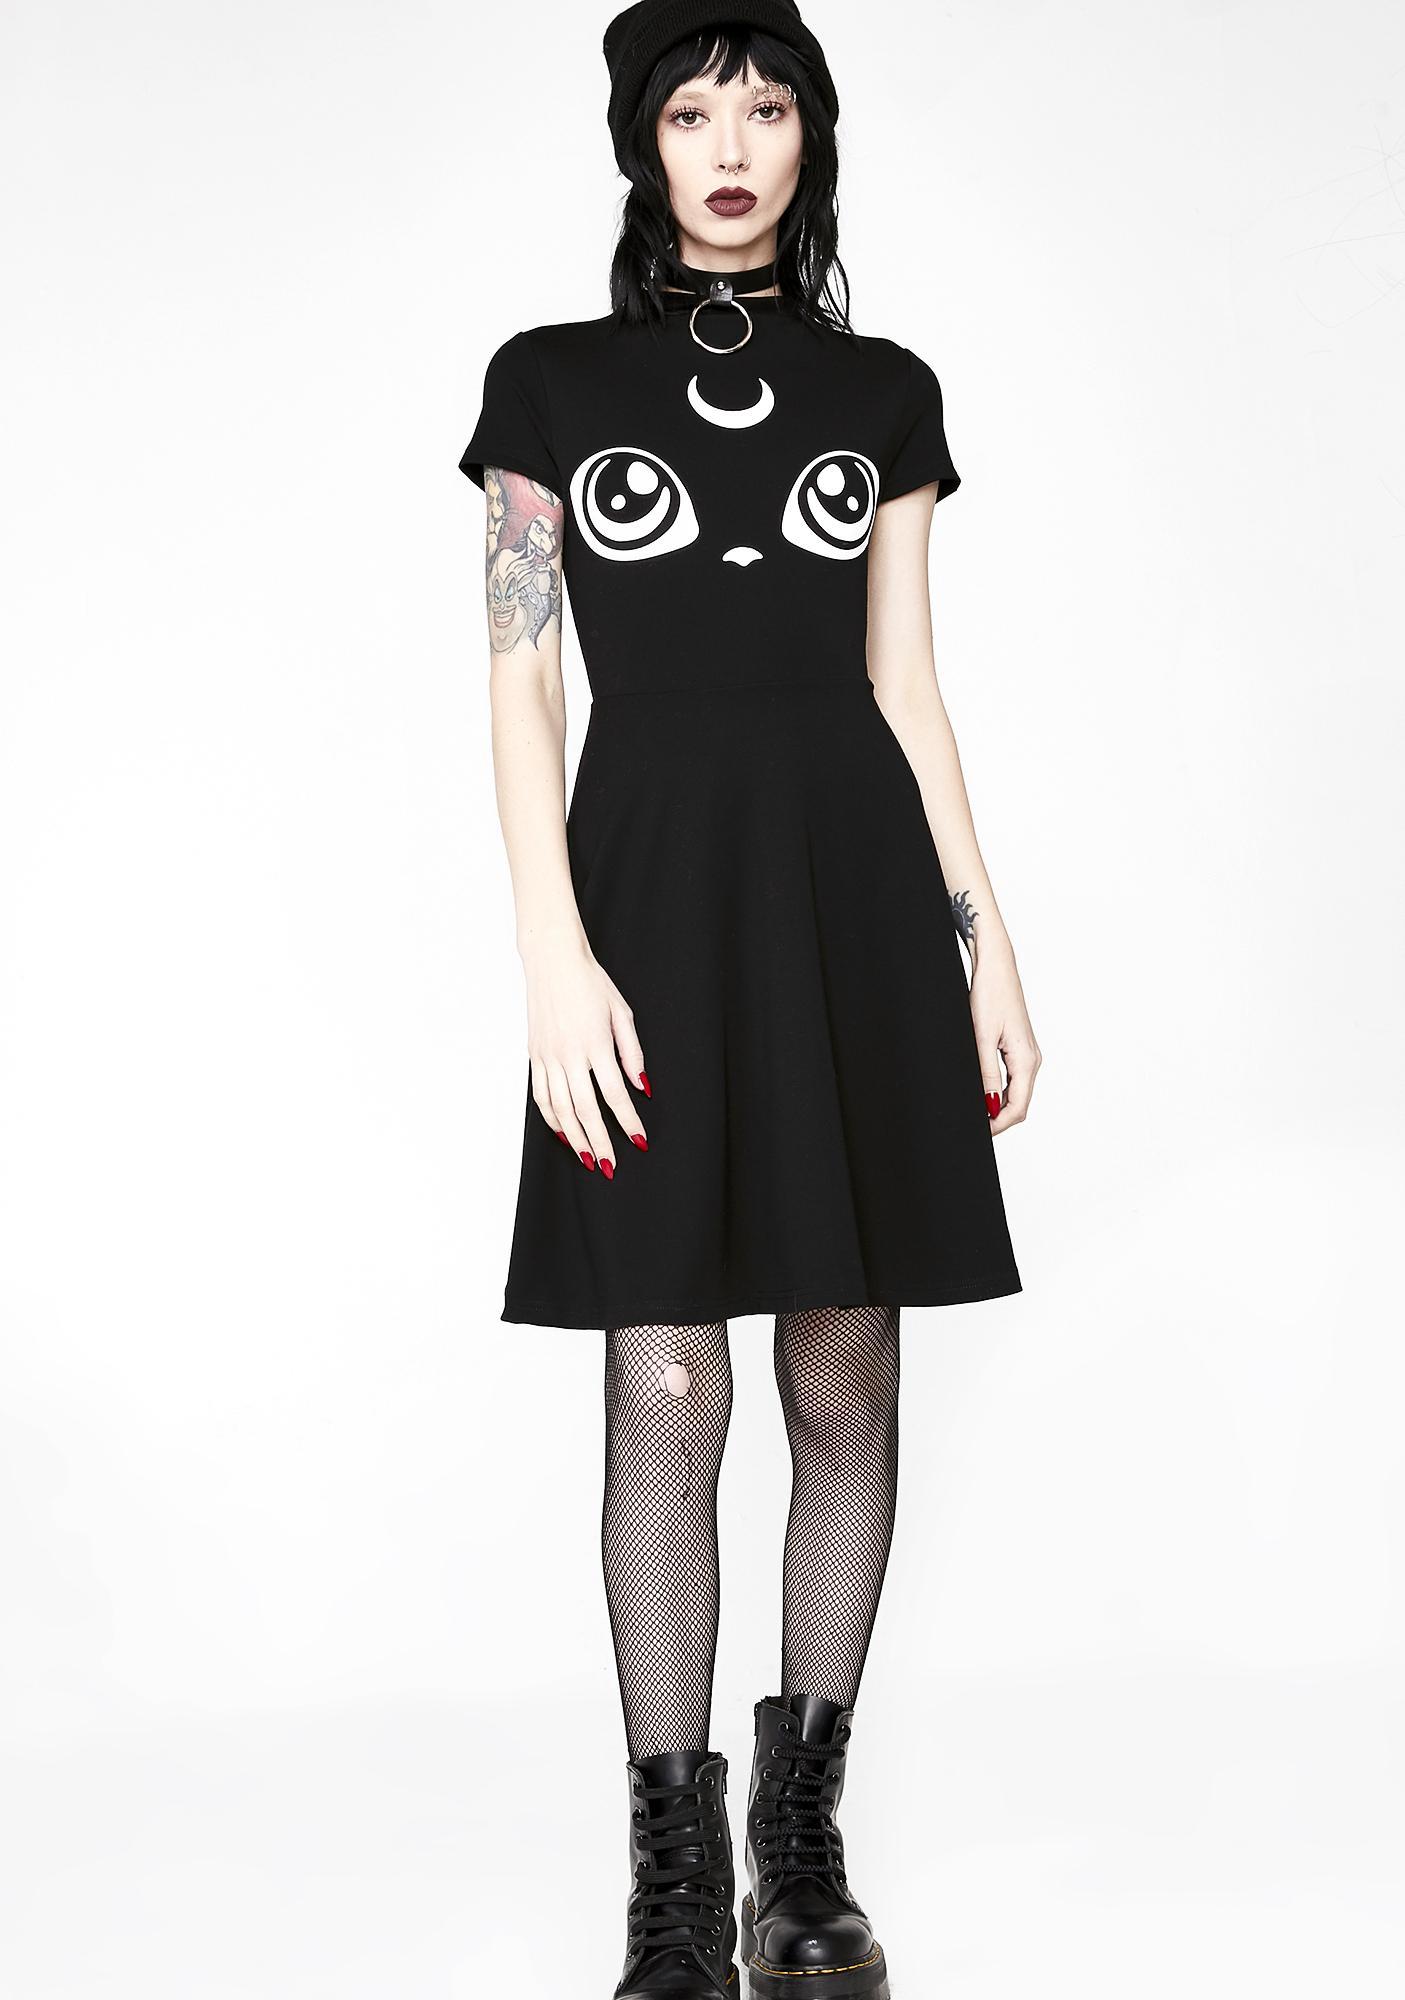 Killstar Meowgical Skater Dress